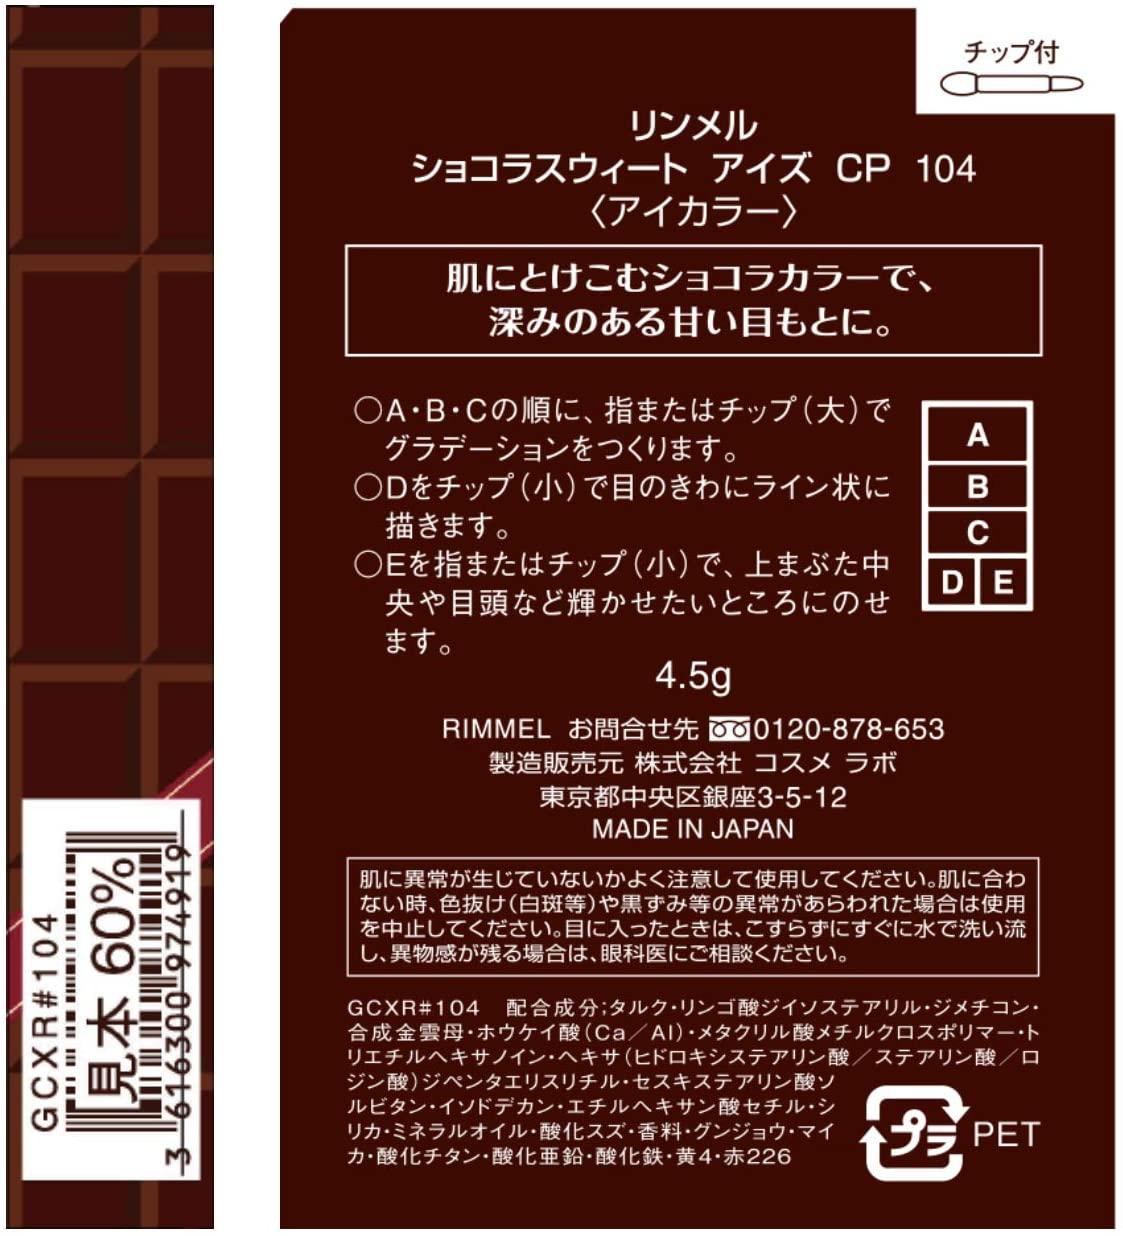 RIMMEL(リンメル) ショコラスウィート アイズの商品画像13